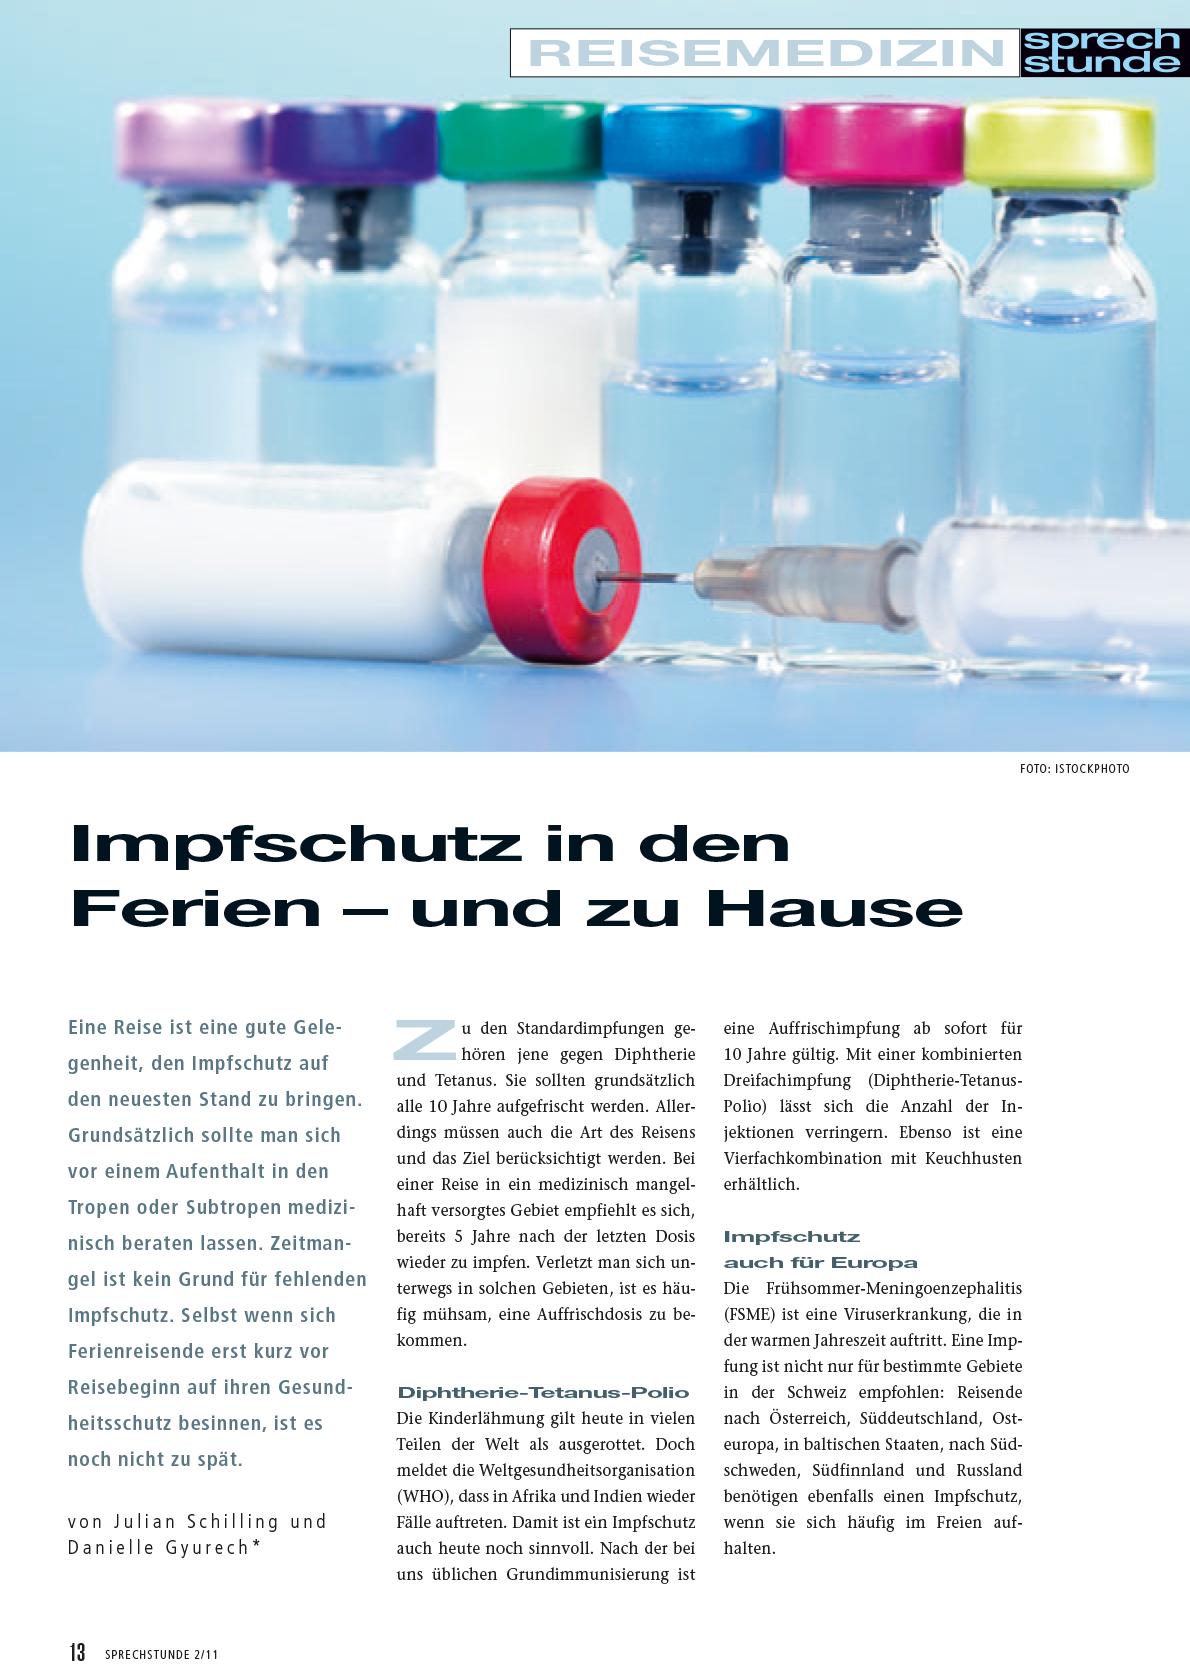 Artikel «Impfschutz in den Ferien»